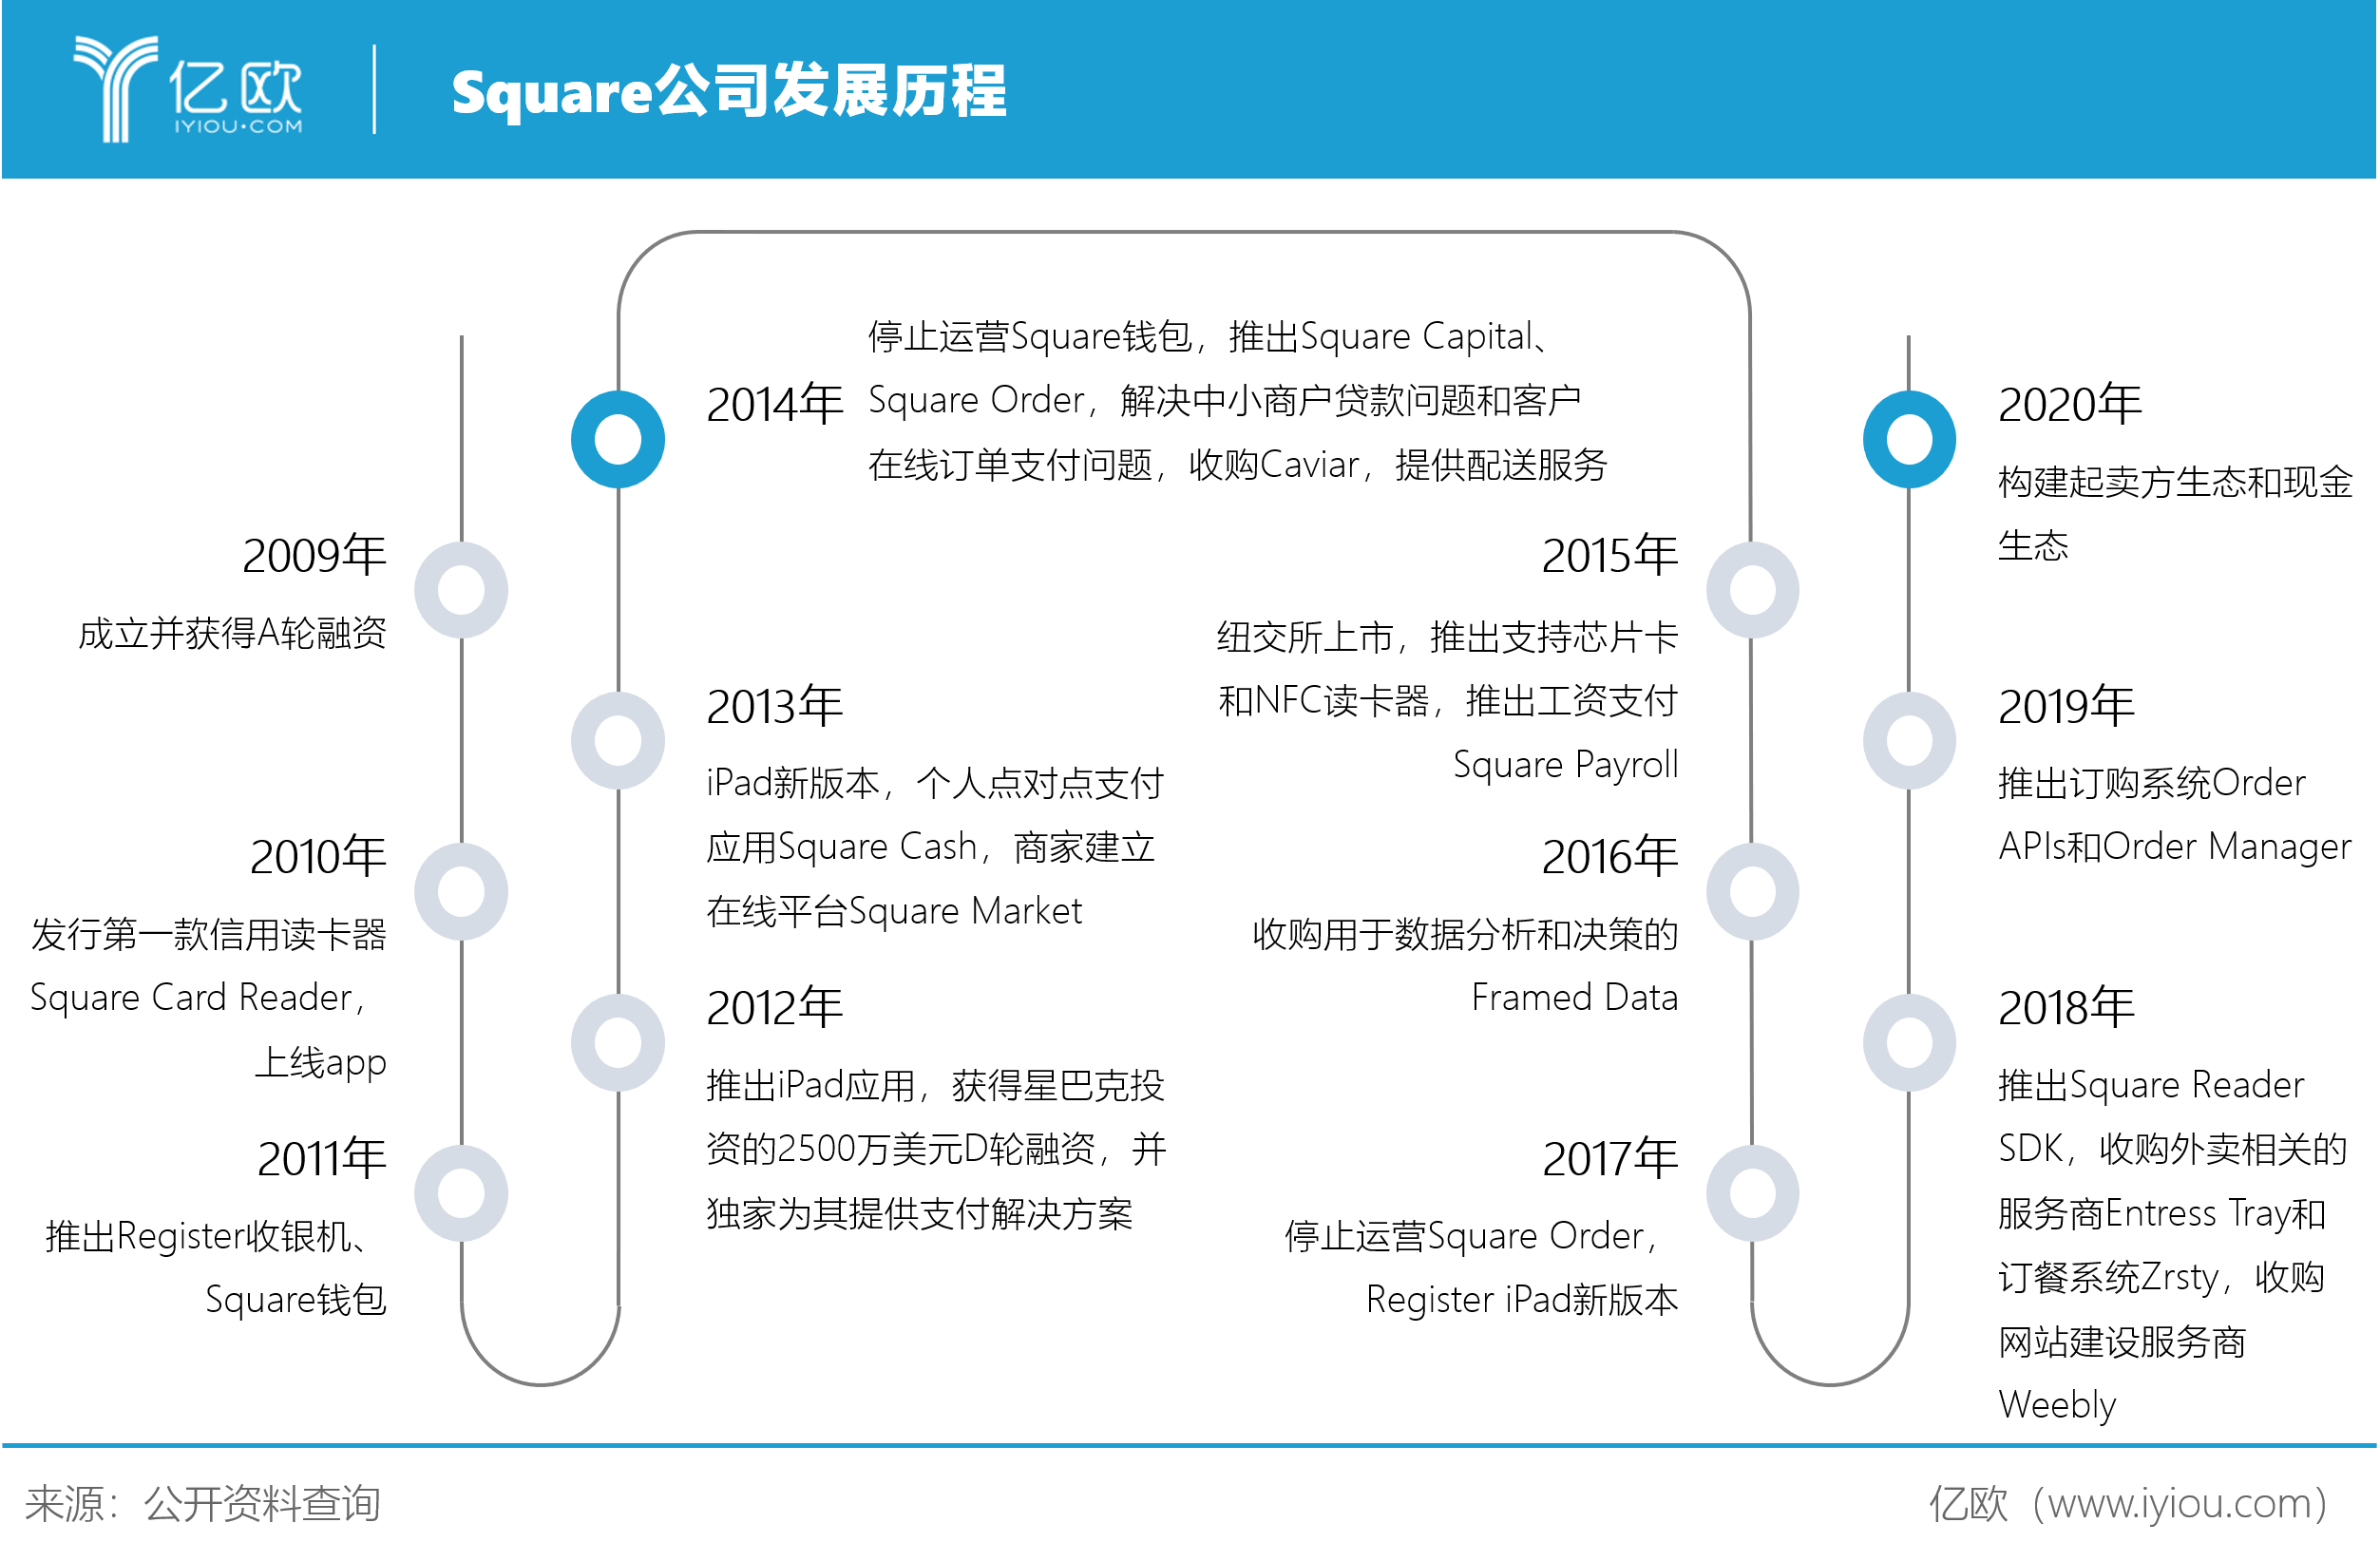 Square公司发展历程